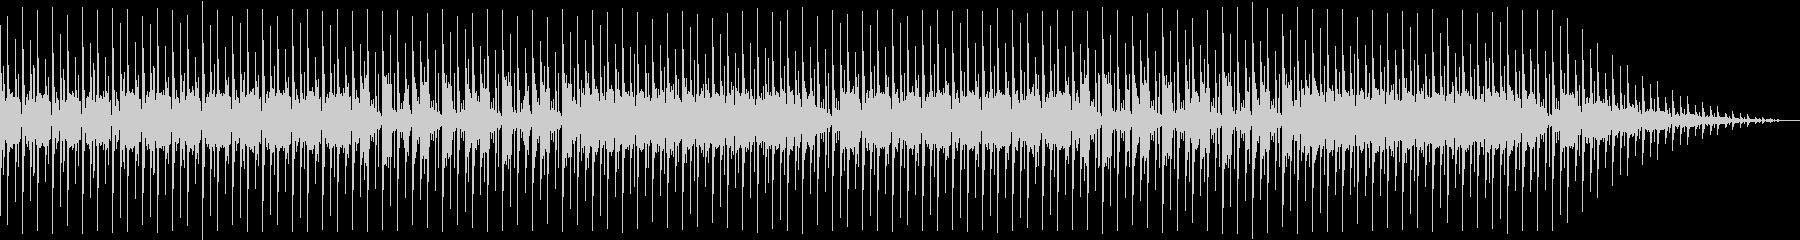 にぎやかなディスコサウンドの未再生の波形